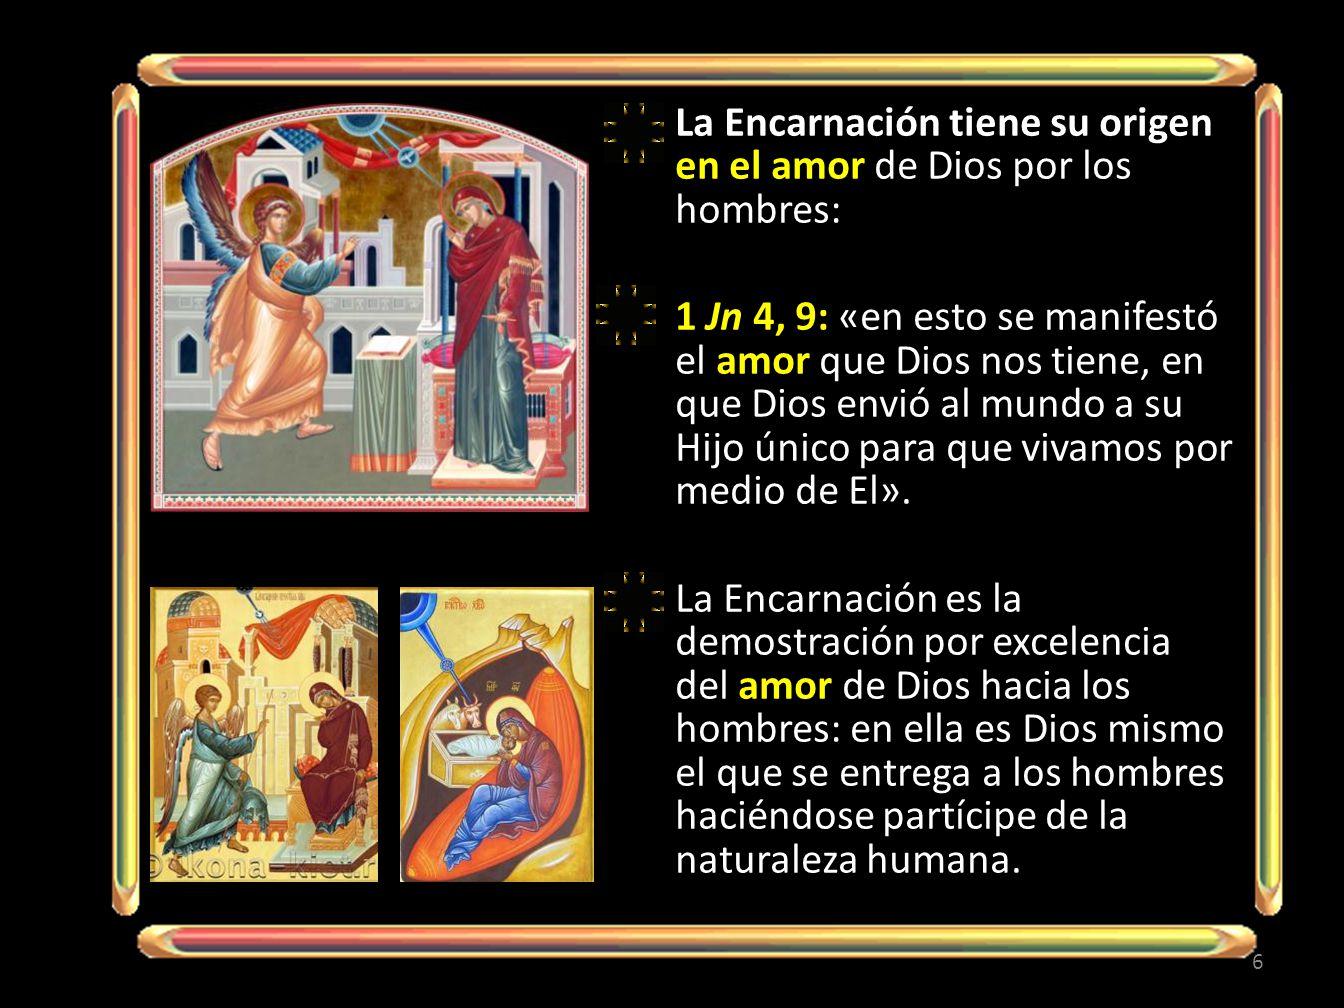 La Encarnación tiene su origen en el amor de Dios por los hombres: